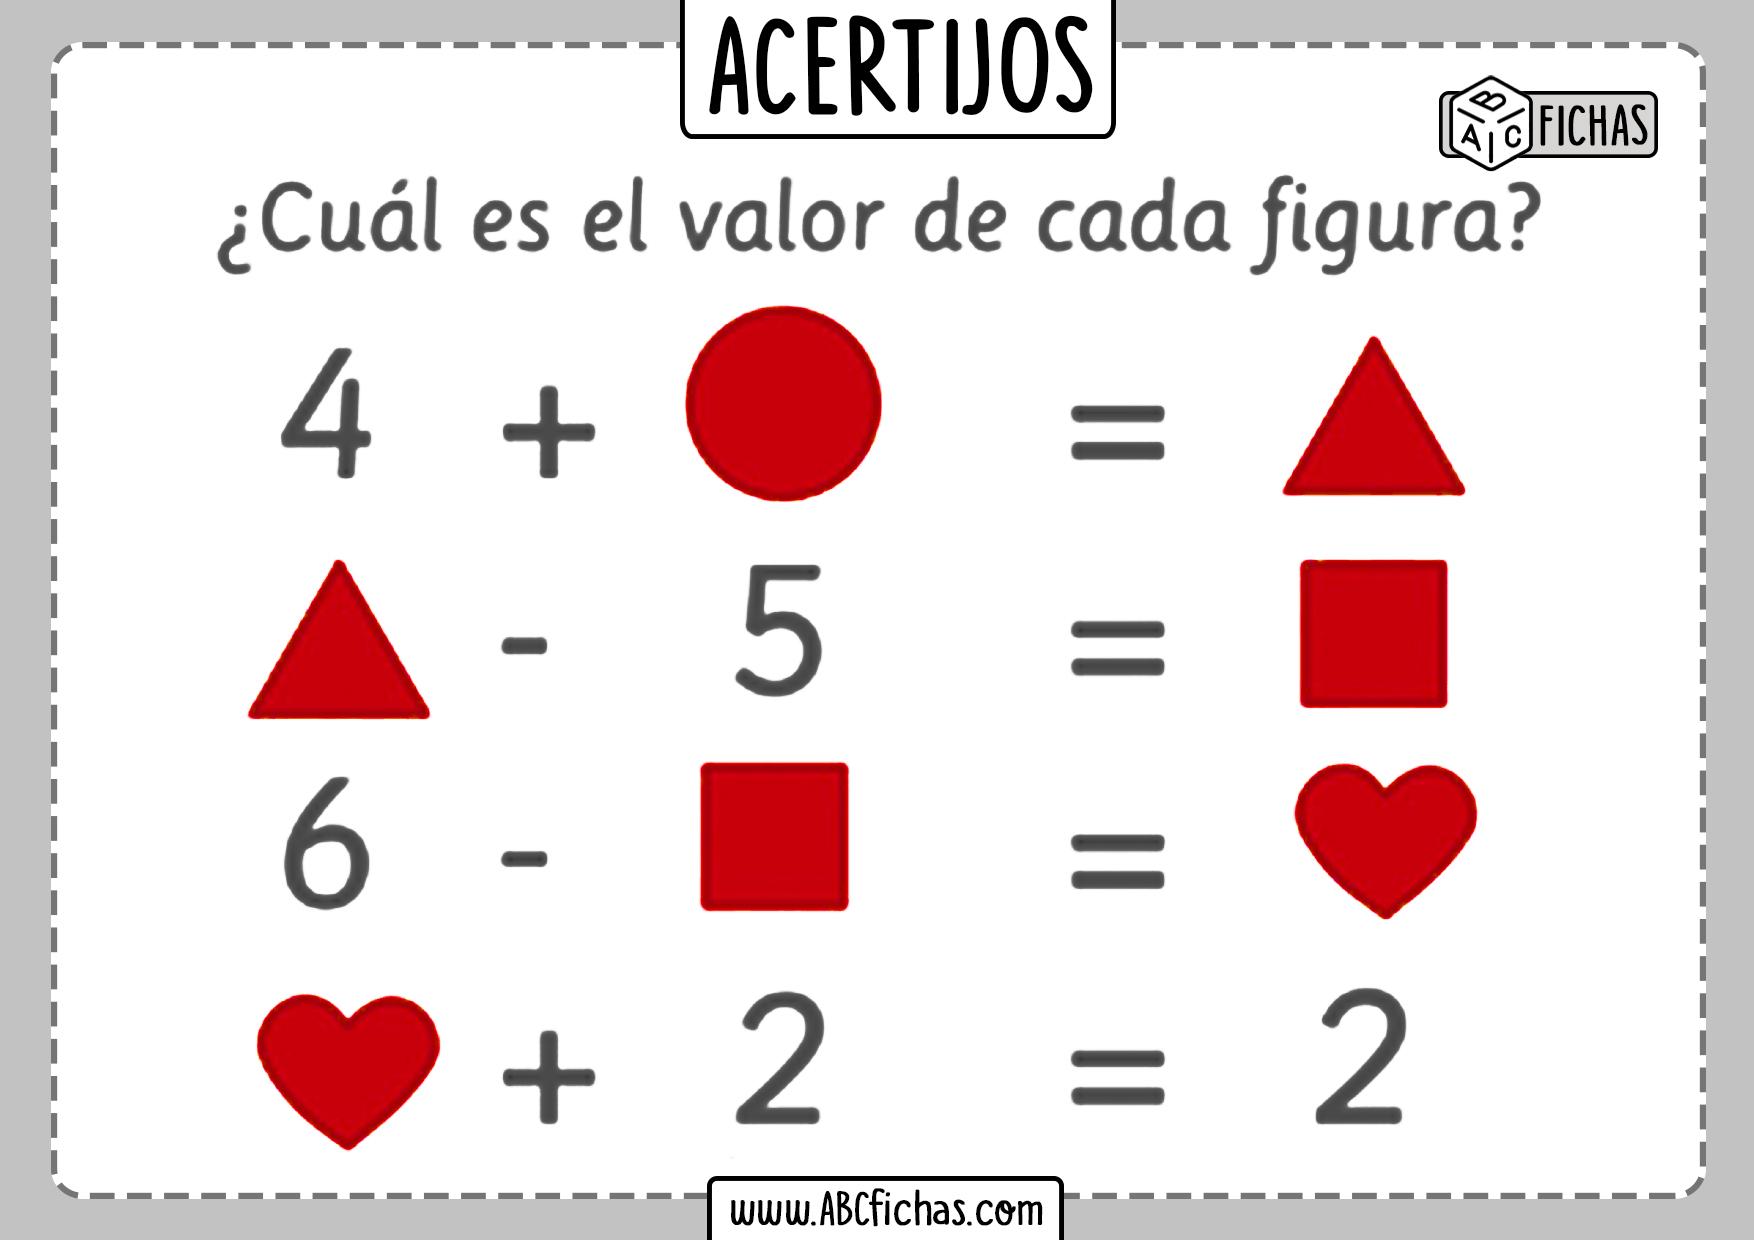 Acertijos matematicos con dibujos para niños